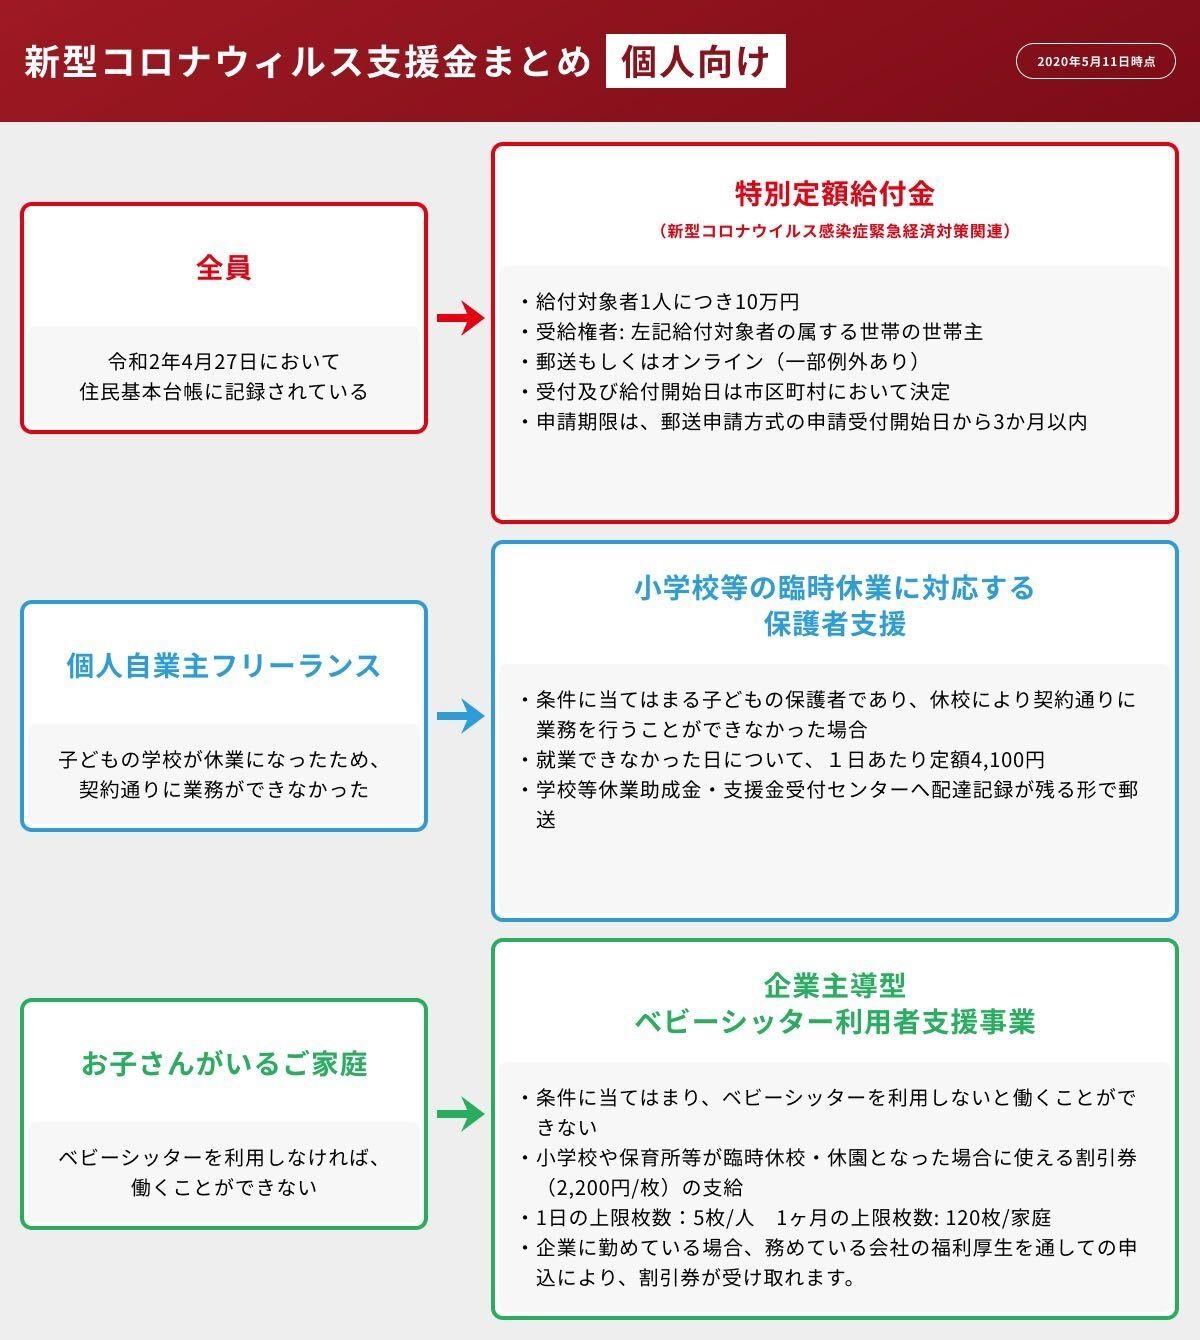 日本 くらう ど 証券 診断